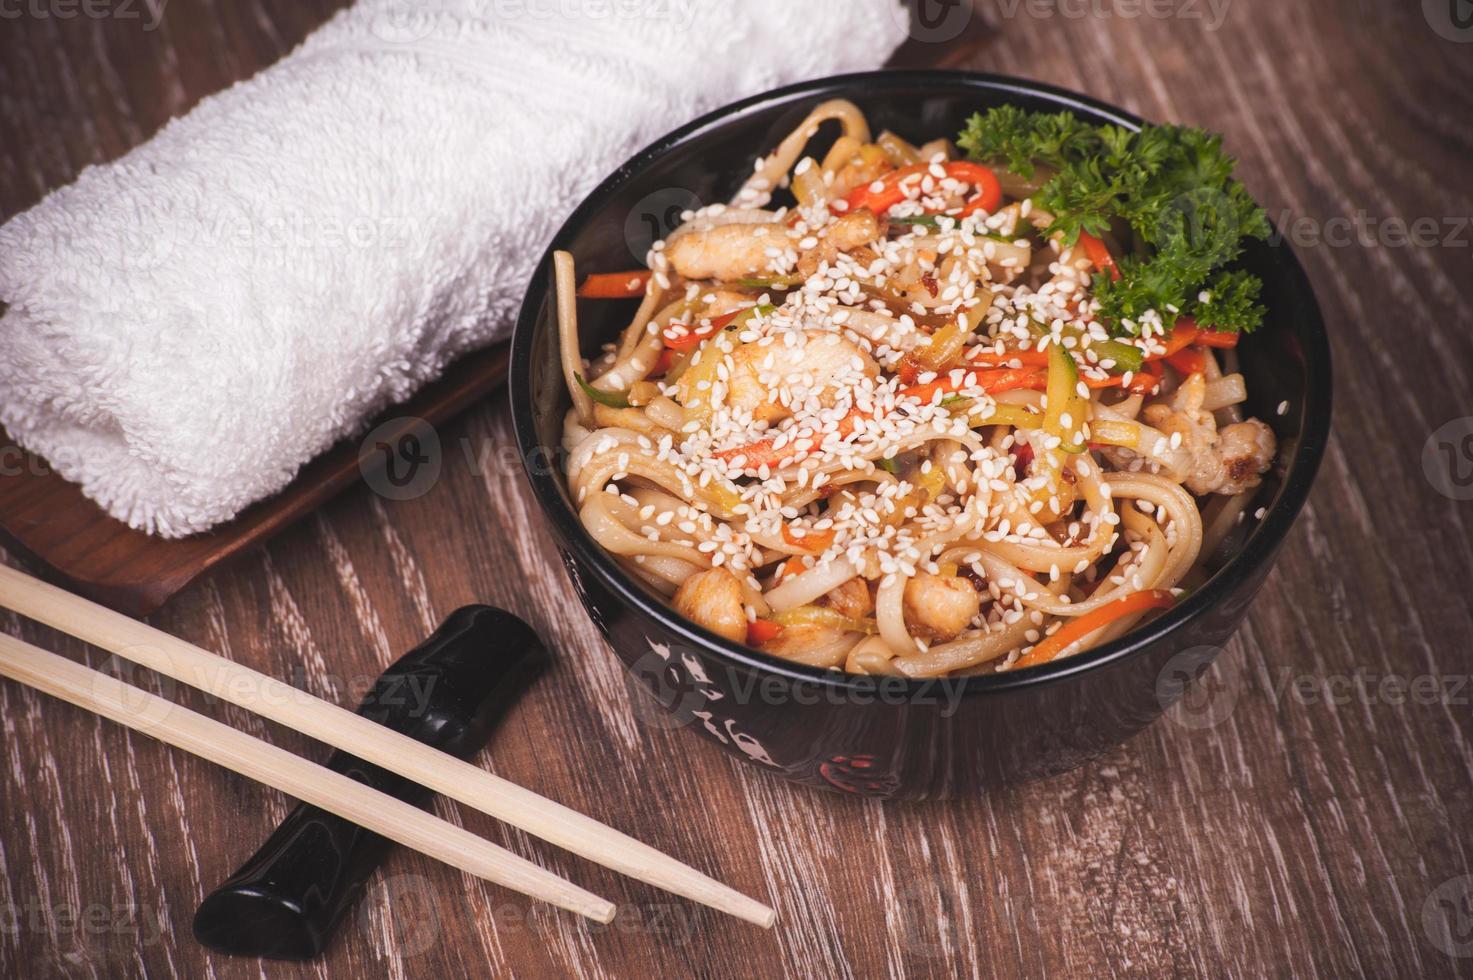 fideos de pollo udon foto